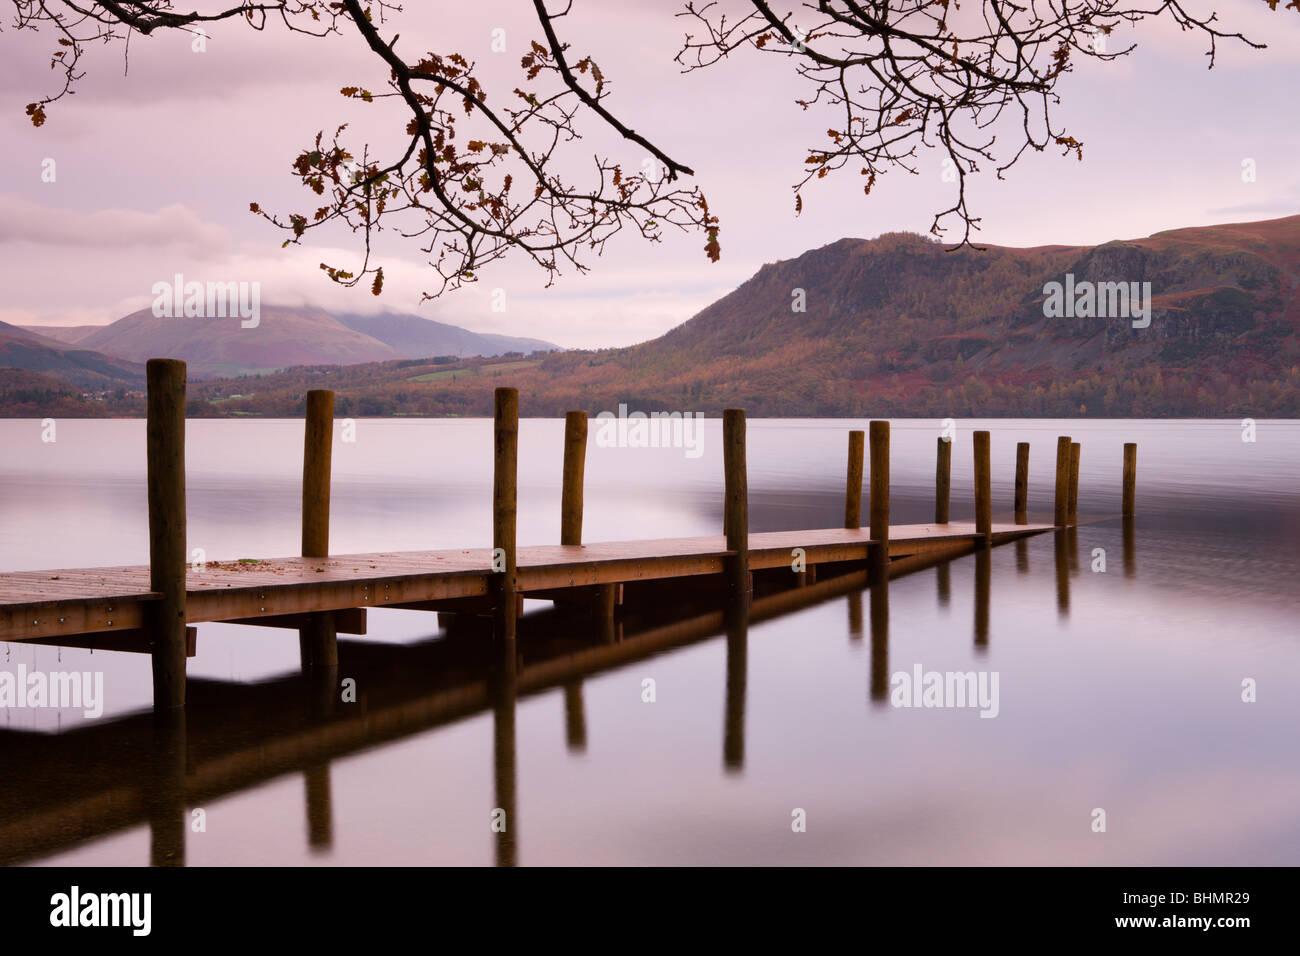 Brandelhow jetée sur Derwent Water, Parc National de Lake District, Cumbria, England, UK. L'automne (novembre) Photo Stock